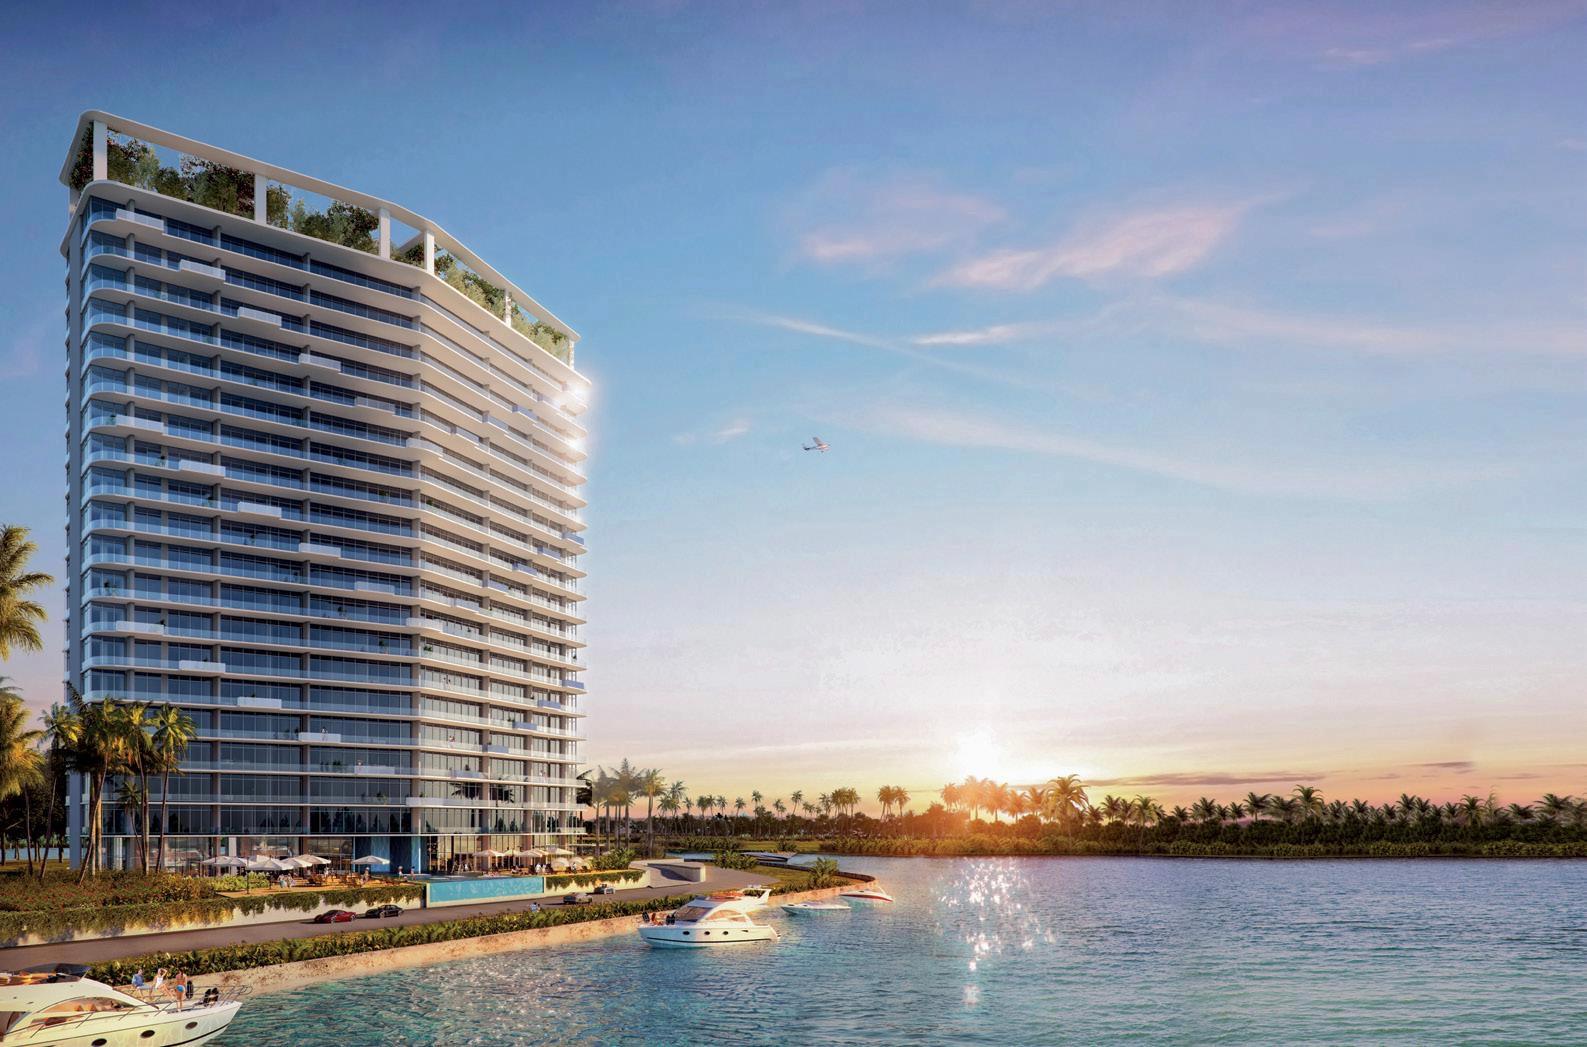 SLS-Marina-Beach-Renders-7